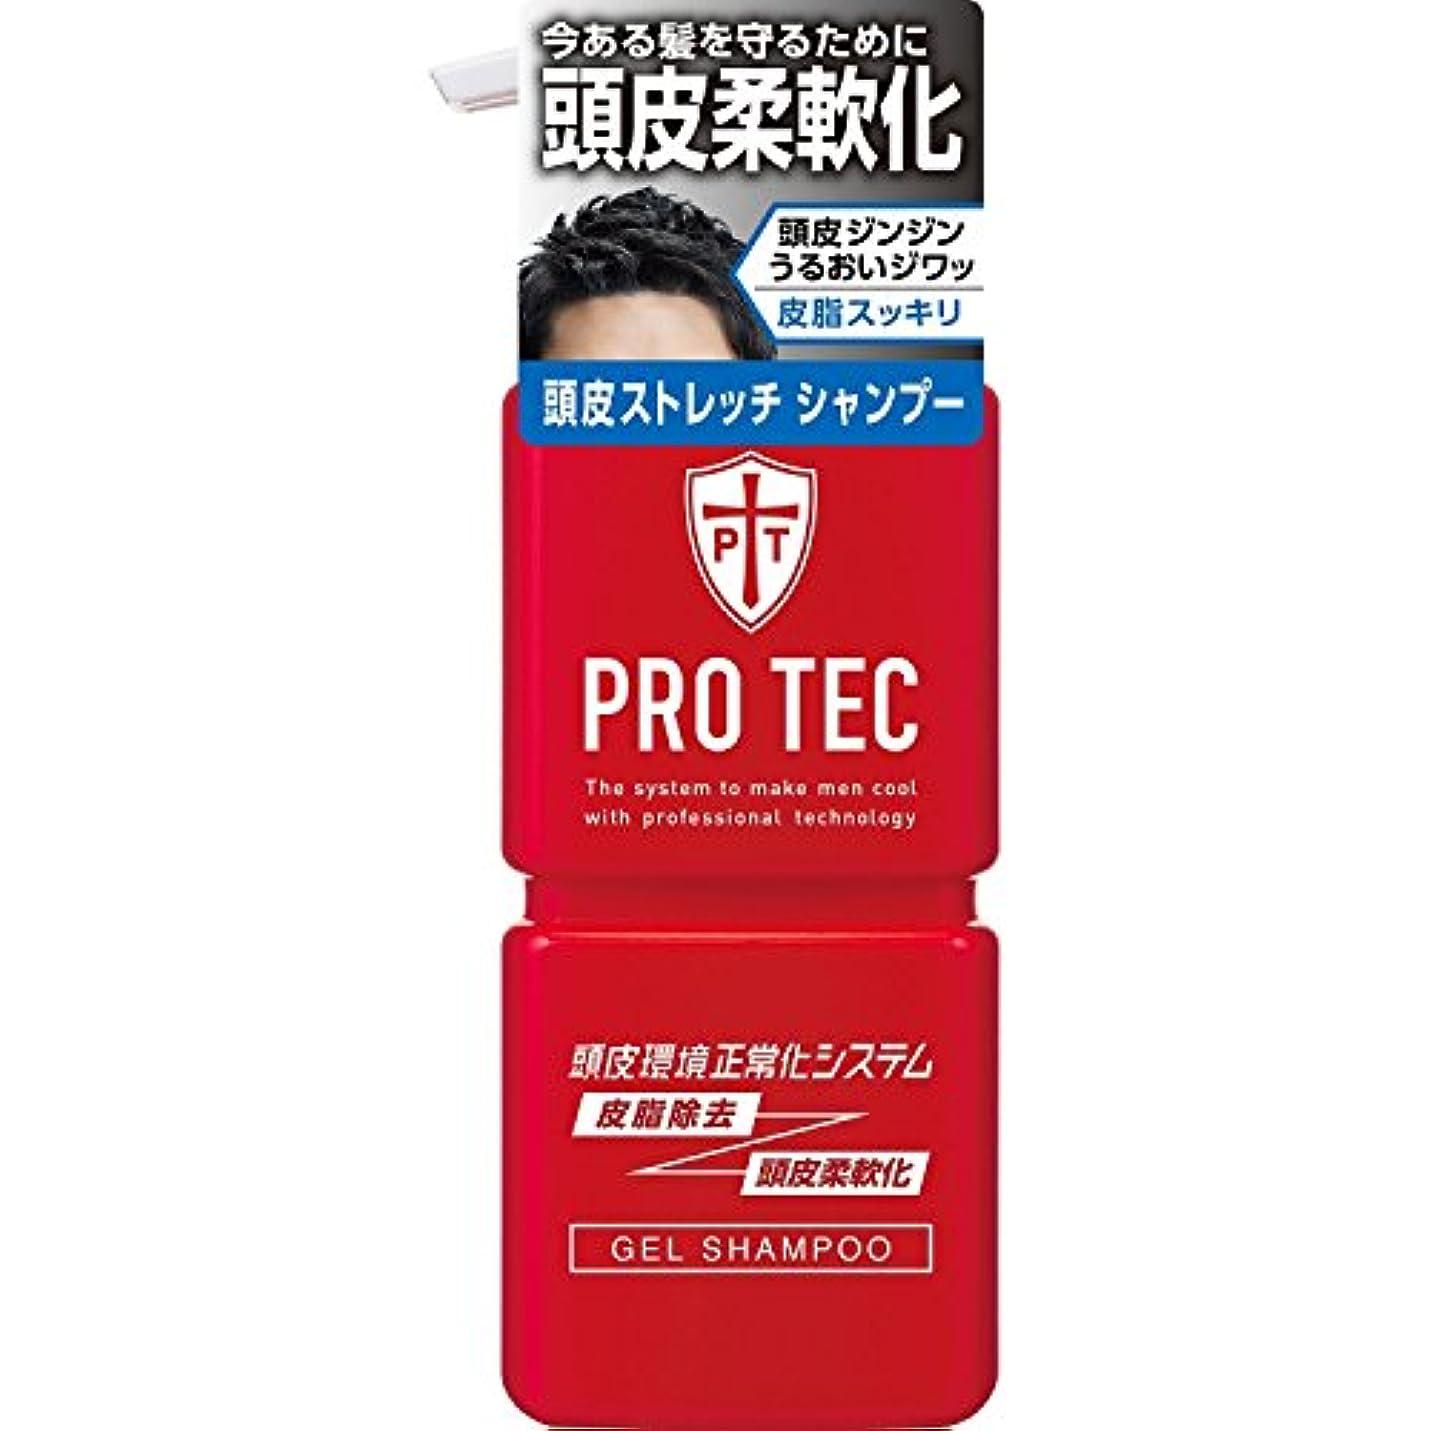 マルコポーロたくさんの道を作るPRO TEC(プロテク) 頭皮ストレッチ シャンプー 本体ポンプ 300g(医薬部外品)